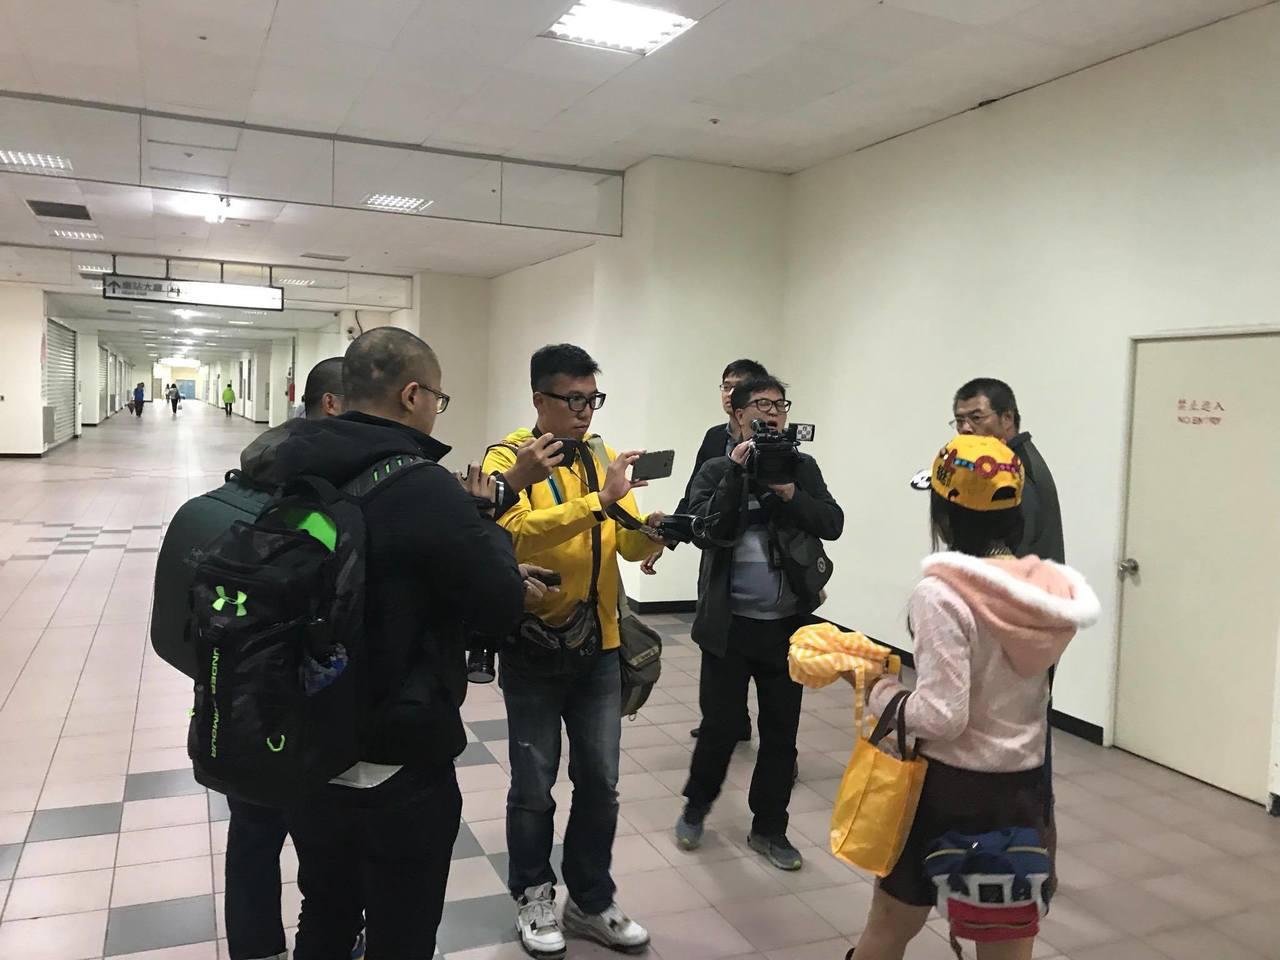 婚宴鬧場女(右下)昨前往立委黃國昌在汐止的服務處,經過安撫後前往火車站搭車離去。...